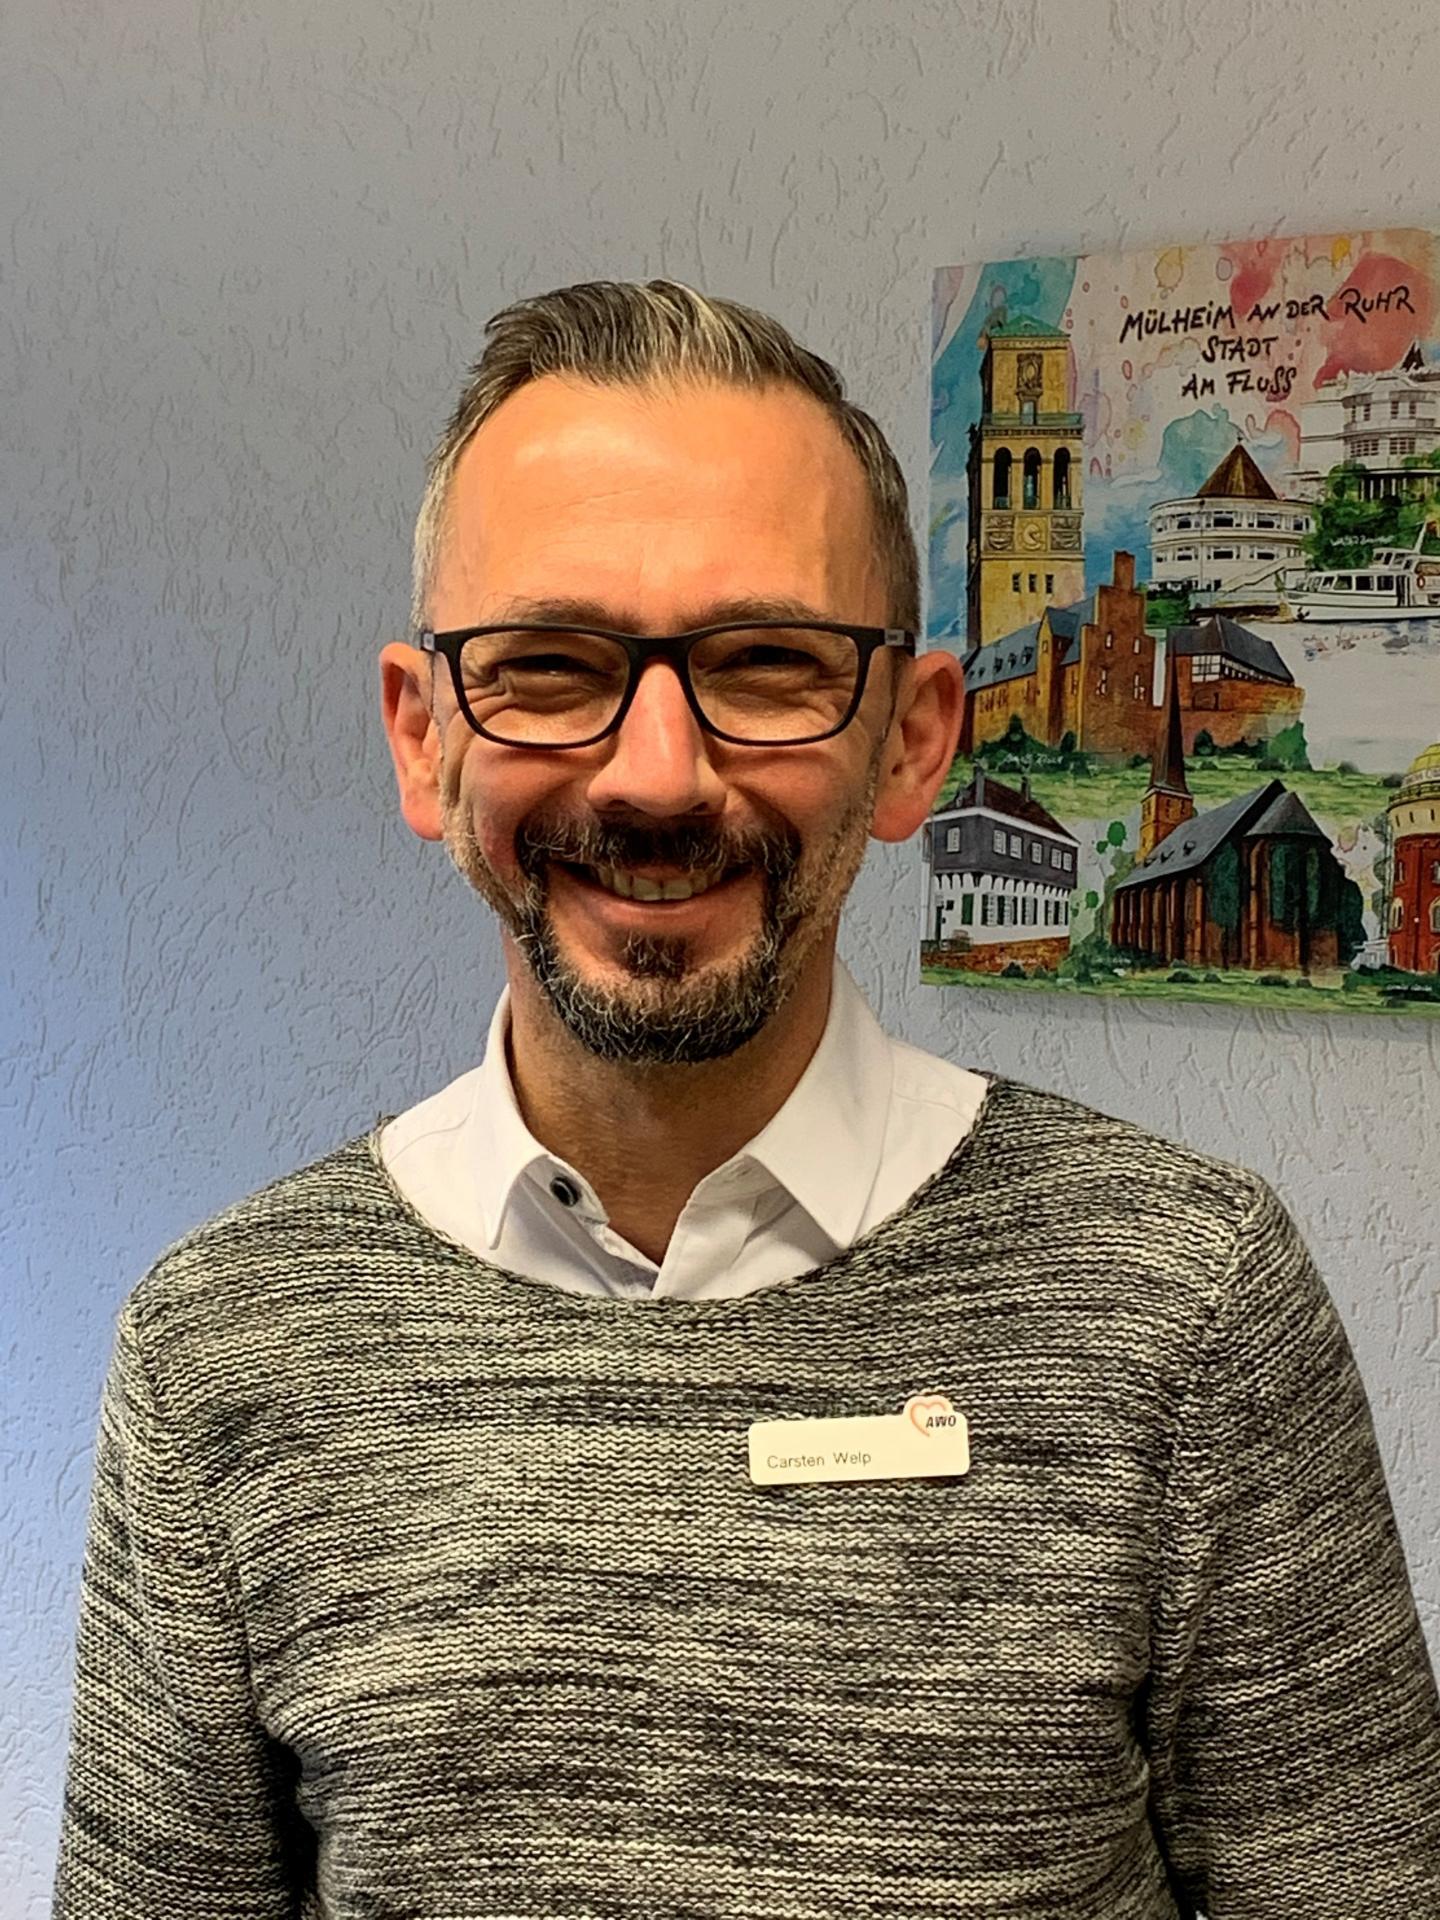 Carsten Welp